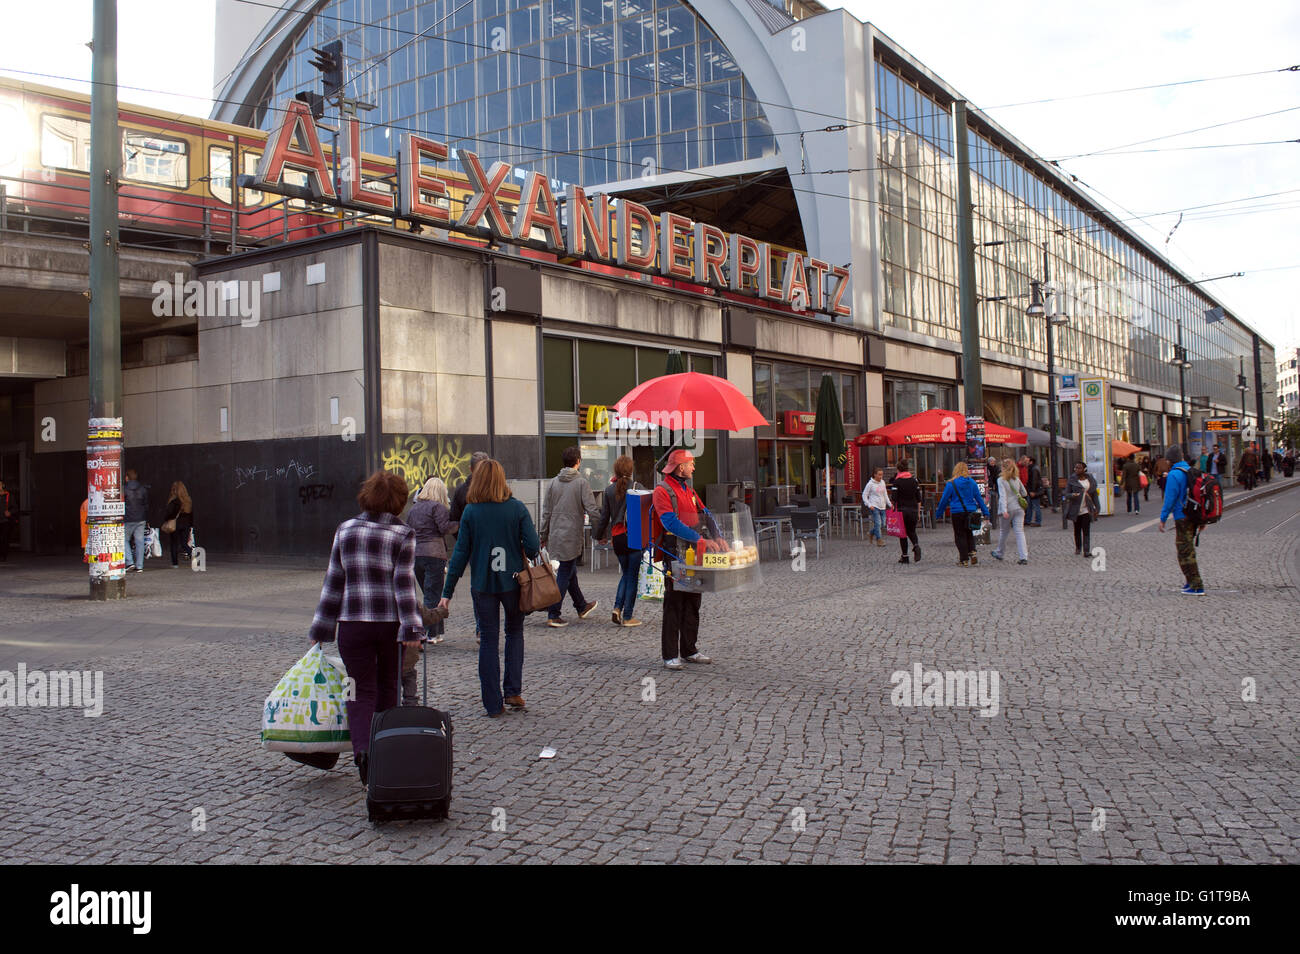 Berlin Alexanderplatz Ist Ein Bahnhof In Der Mitte Berlins Innenstadt Es Ist Eines Der Belebtesten Verkehrsknotenpunkt Stockfotografie Alamy